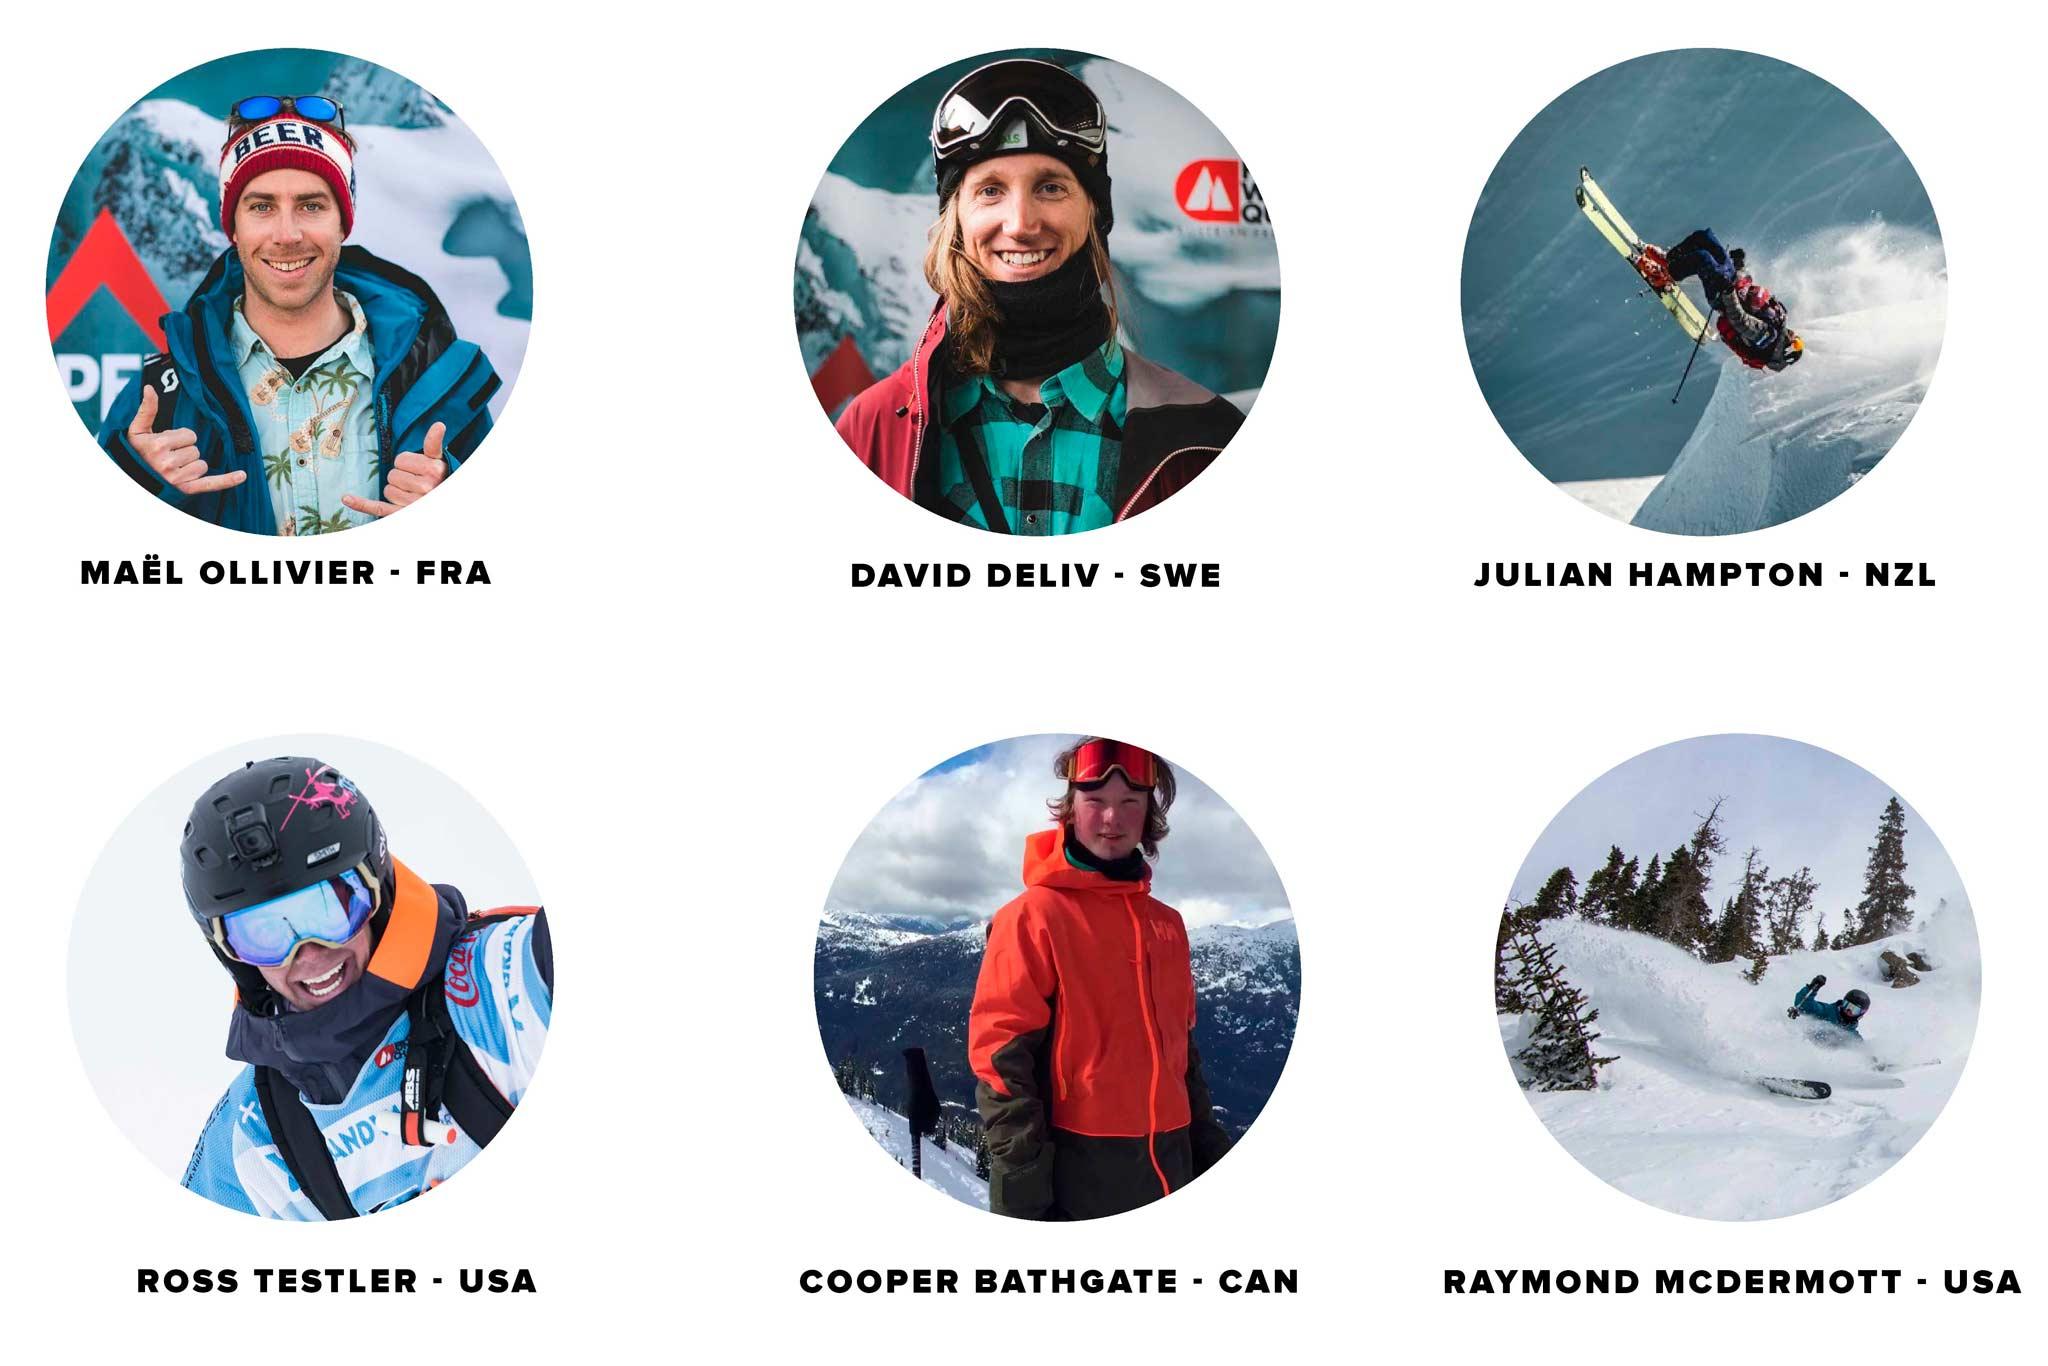 Alle neuen Fahrer der Kategorie Ski Herren bei der Freeride World Tour 2021 in der Übersicht.